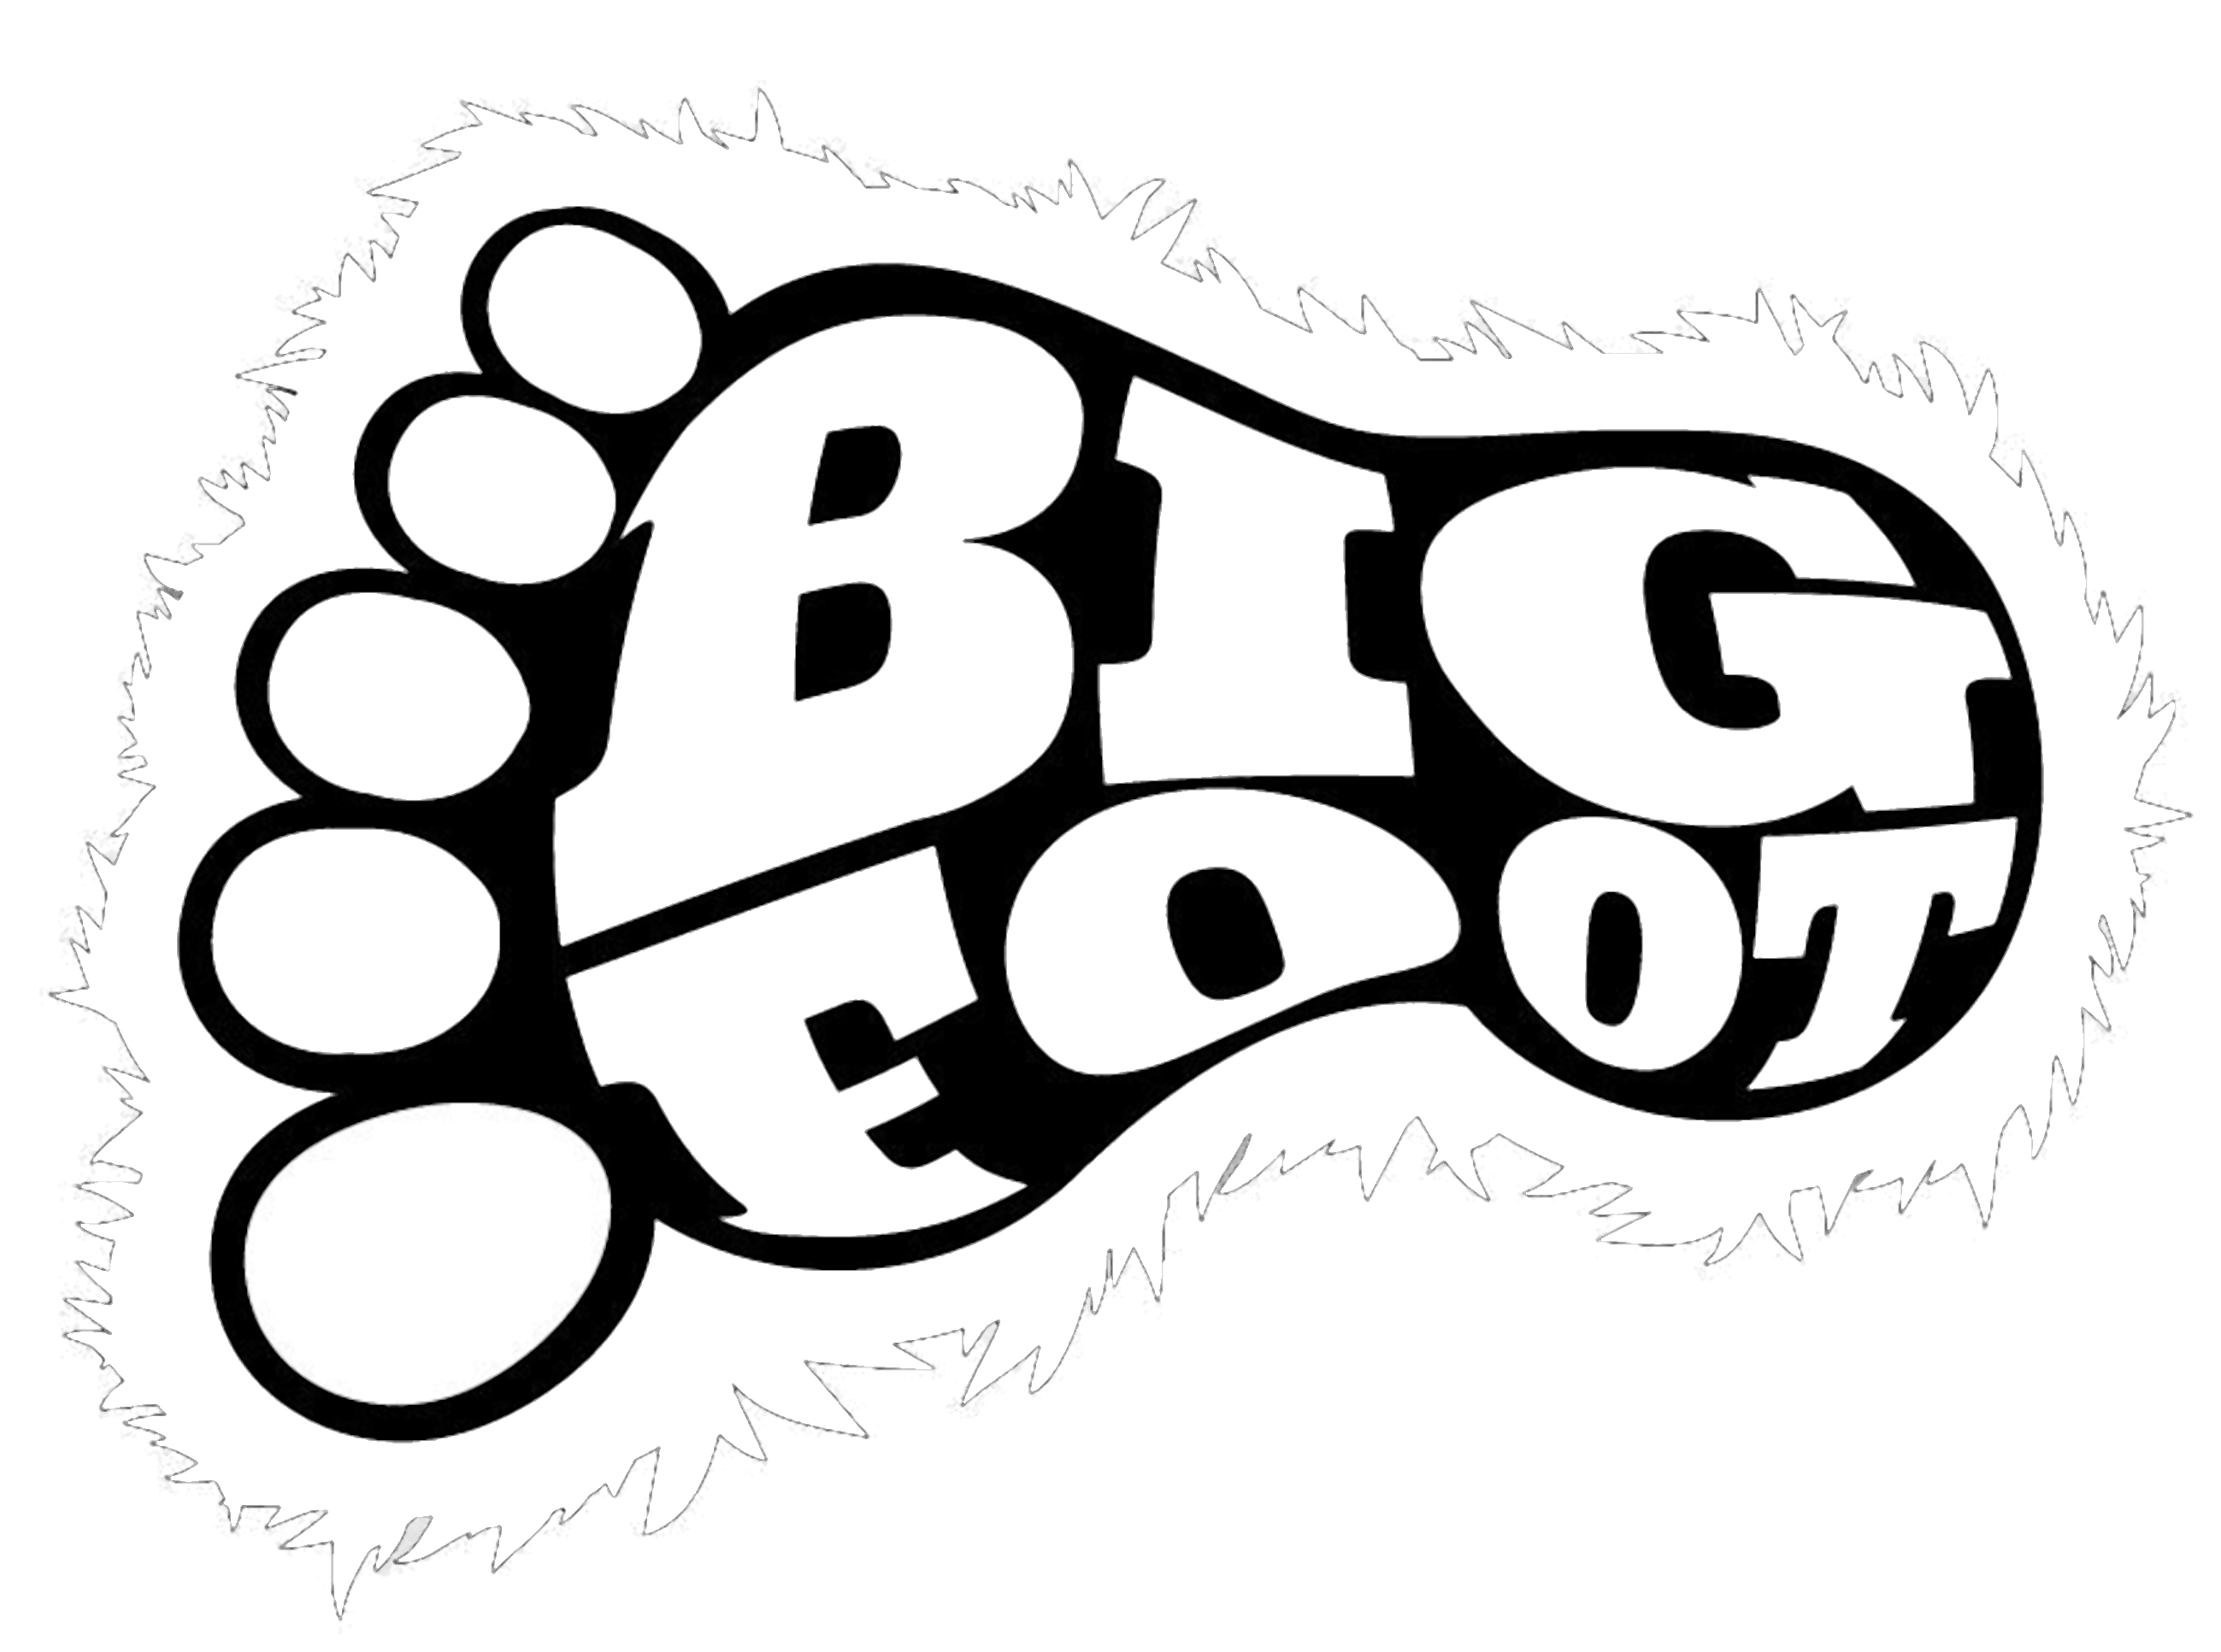 BIG FOOT VINYL Decals Sticker  BUY 2 GET 1 FREE